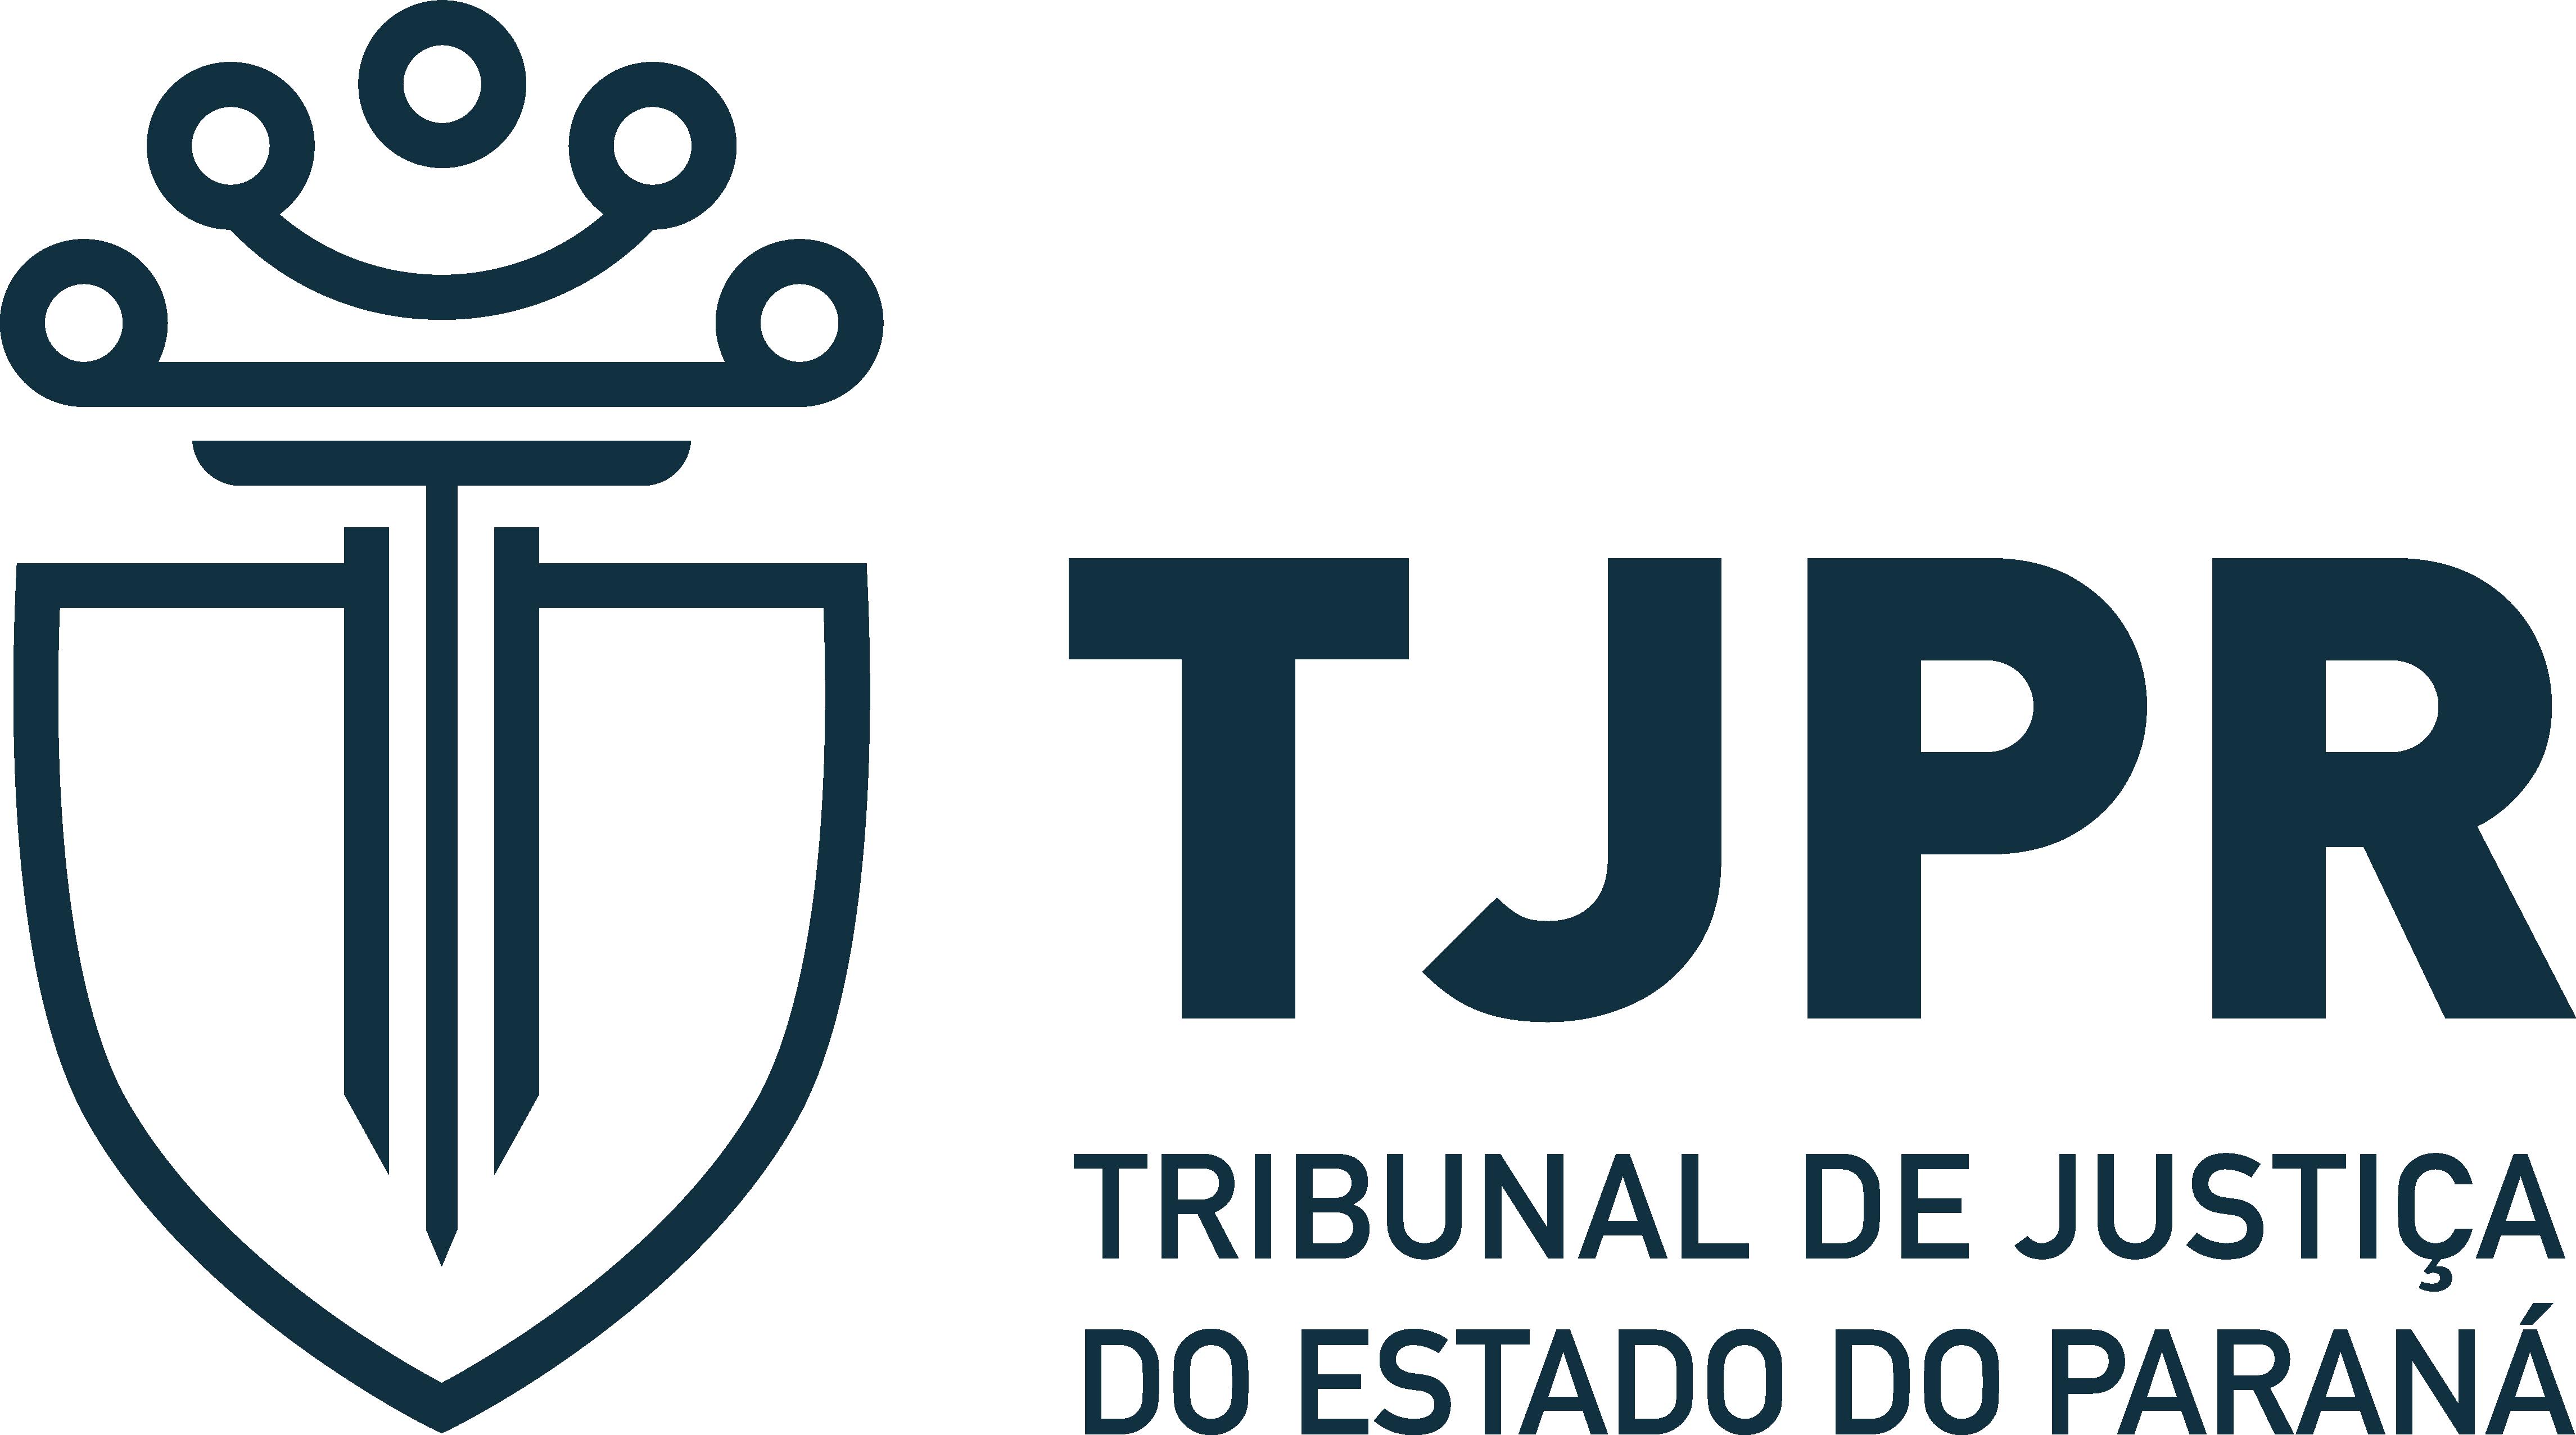 Tribunal de Justiça do Estado do Paraná